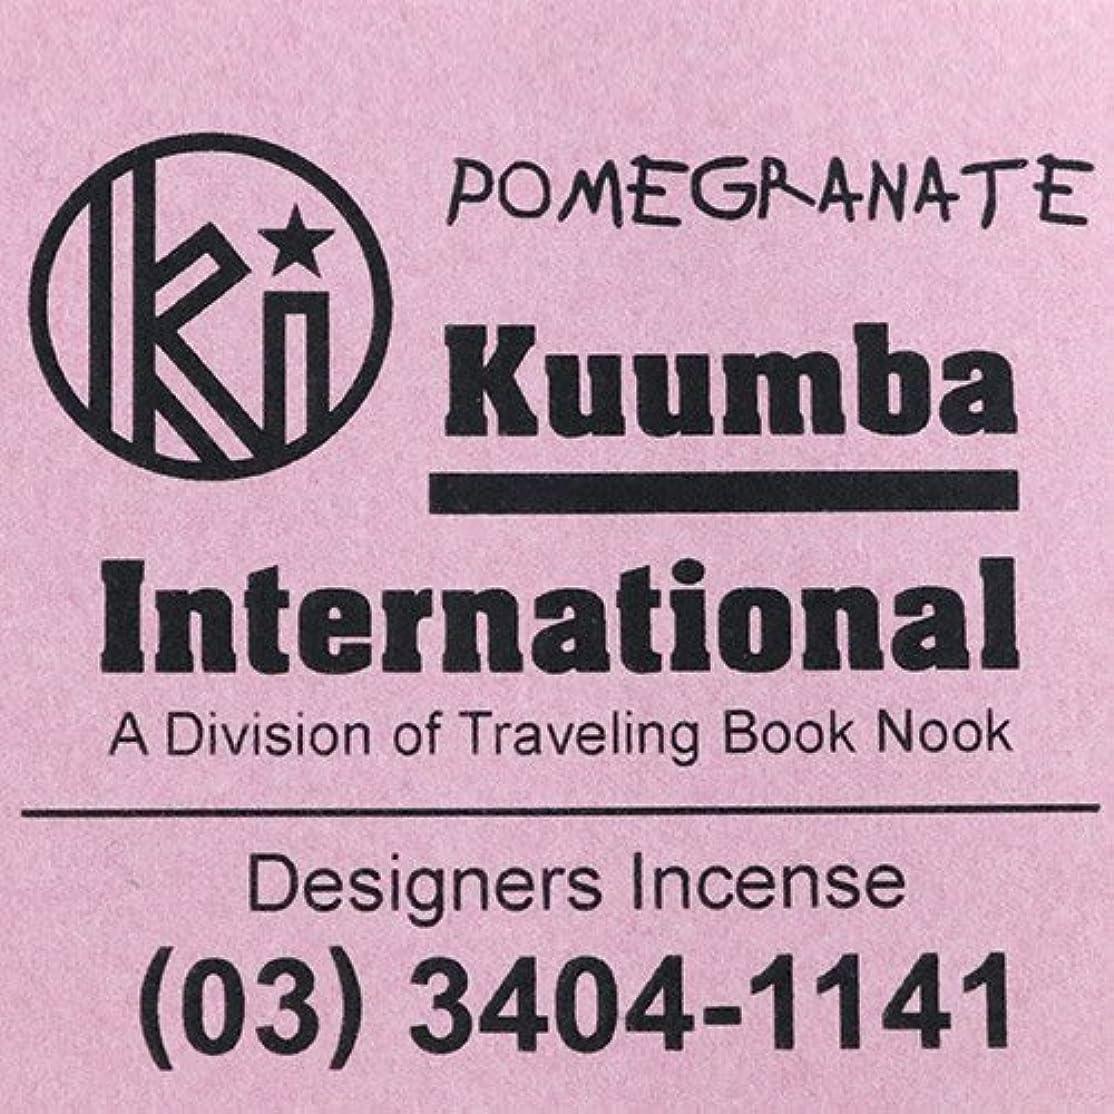 各寄稿者空中(クンバ) KUUMBA『incense』(POMEGRANATE) (Regular size)